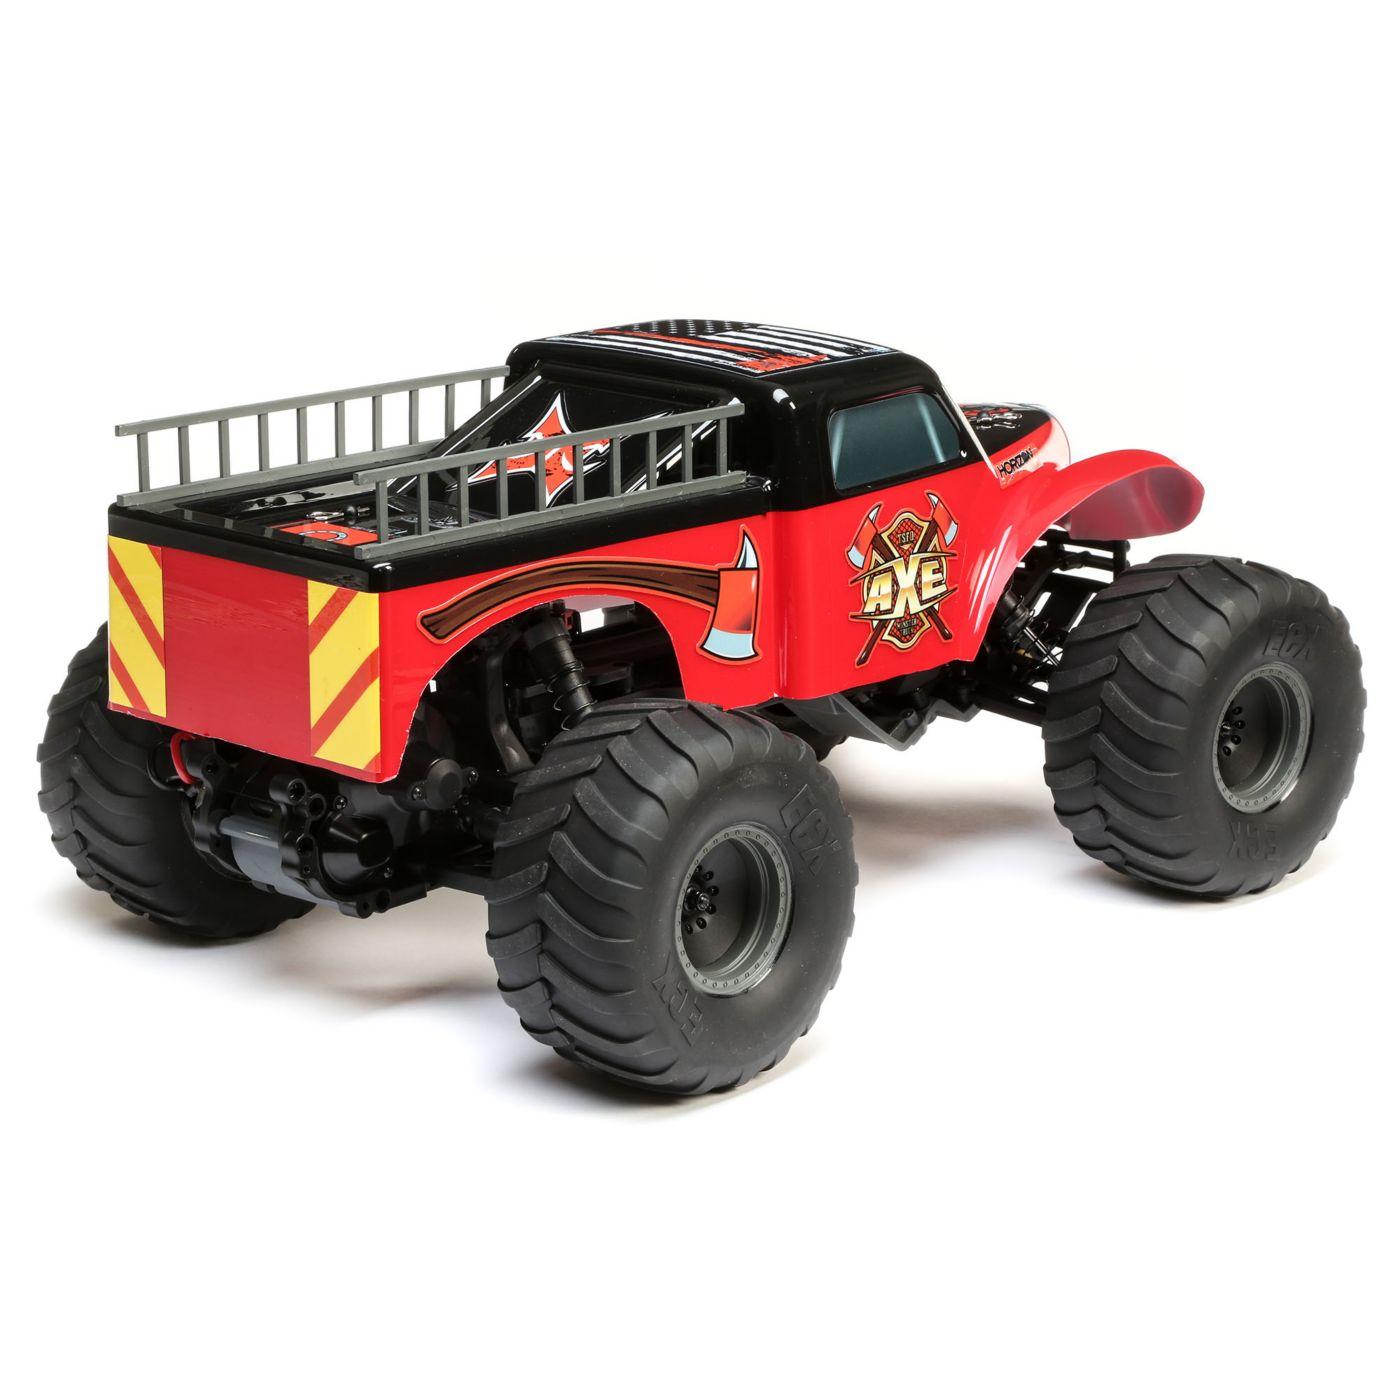 ECX Axe Monster Truck - Rear